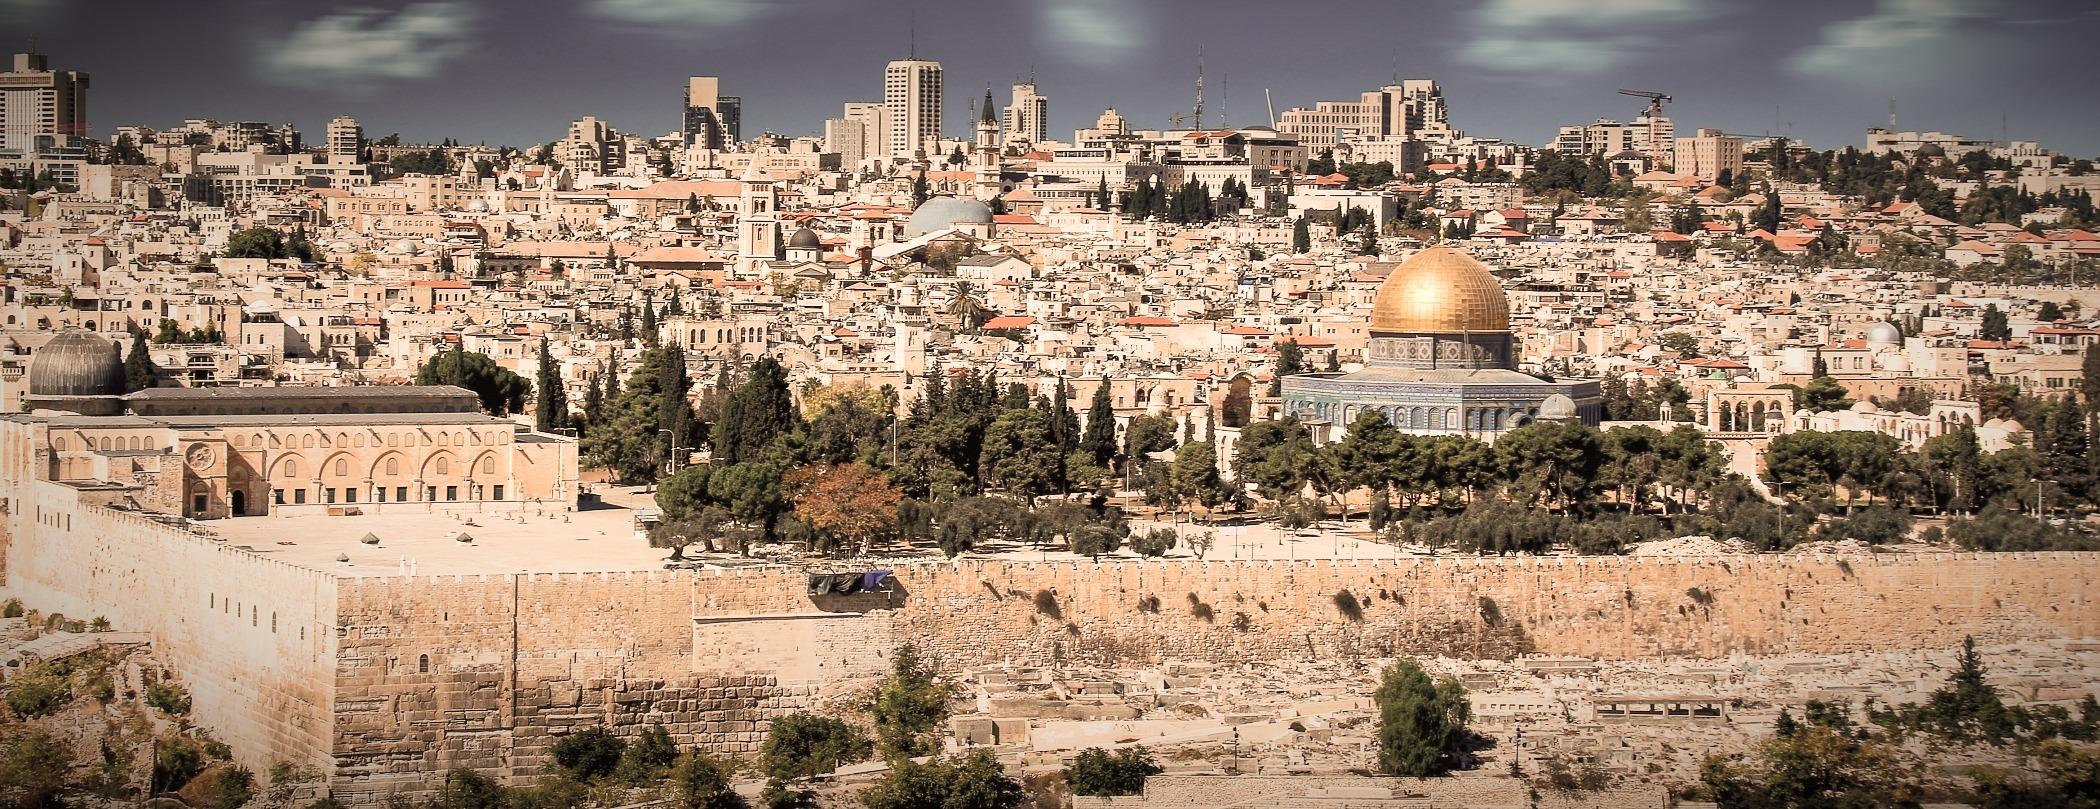 jerusalem-1712855_edited